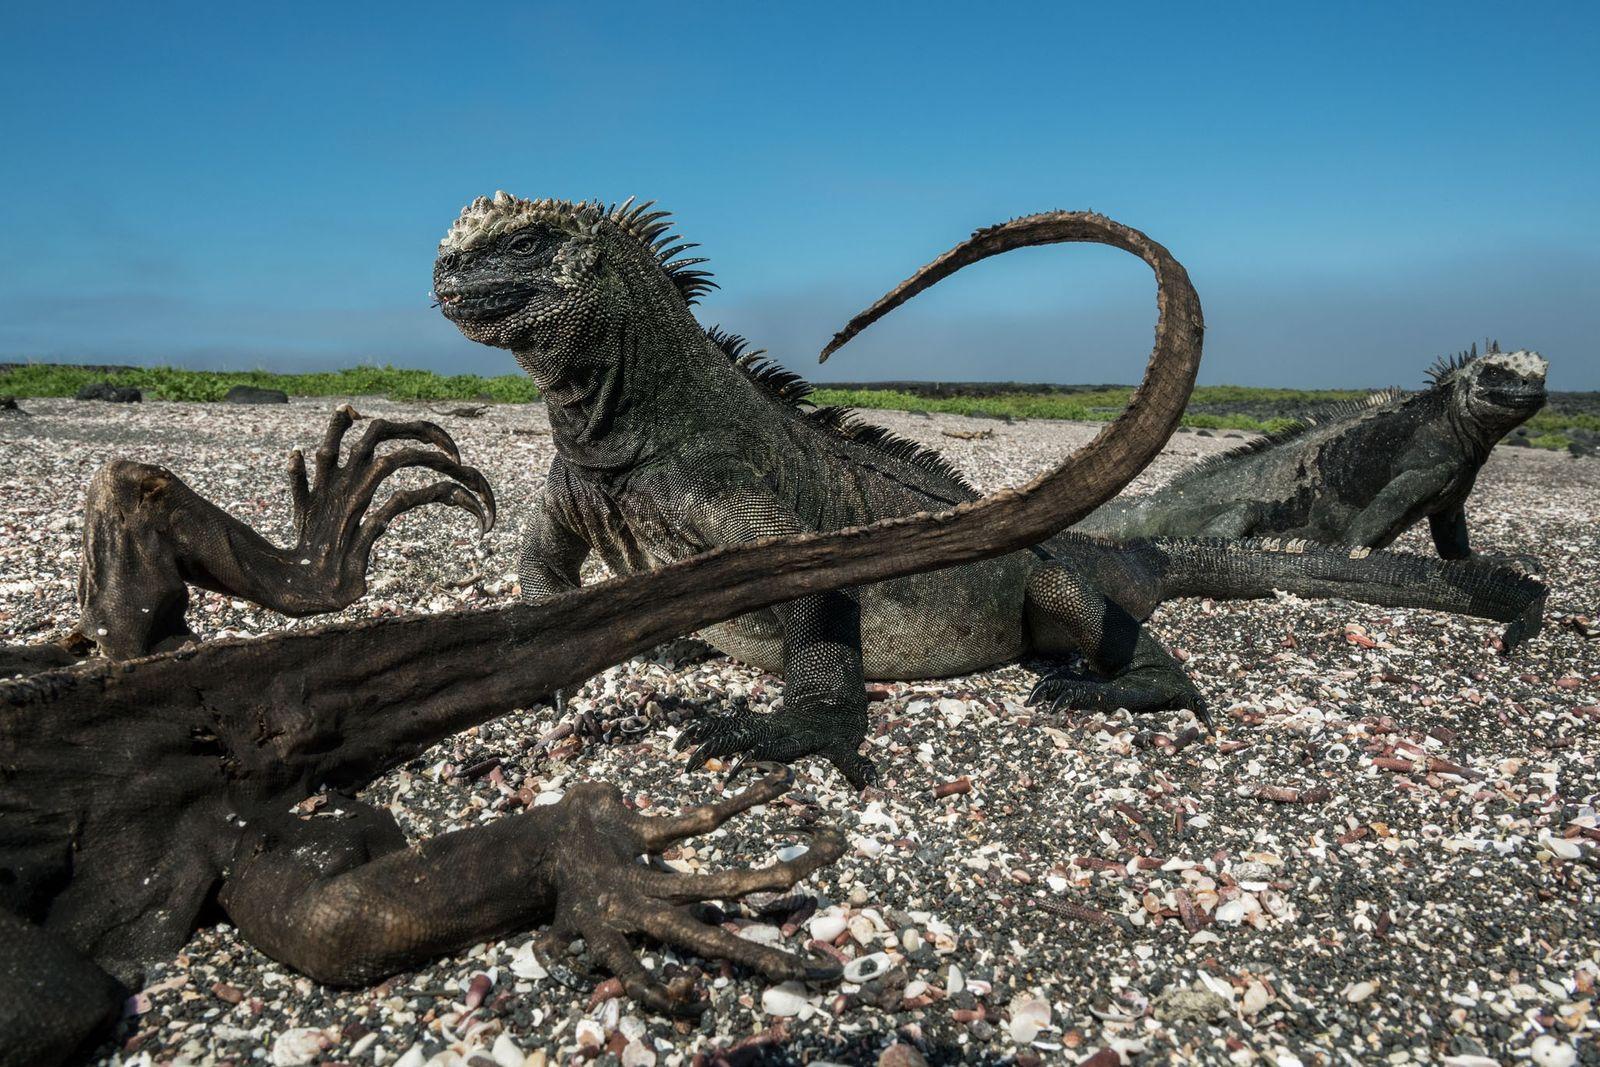 Diese beiden Meerechsen sind scheinbar unbeeindruckt von der Gegenwart ihres mumifizierten Artgenossen. Dieser verhungerte vermutlich auf ...